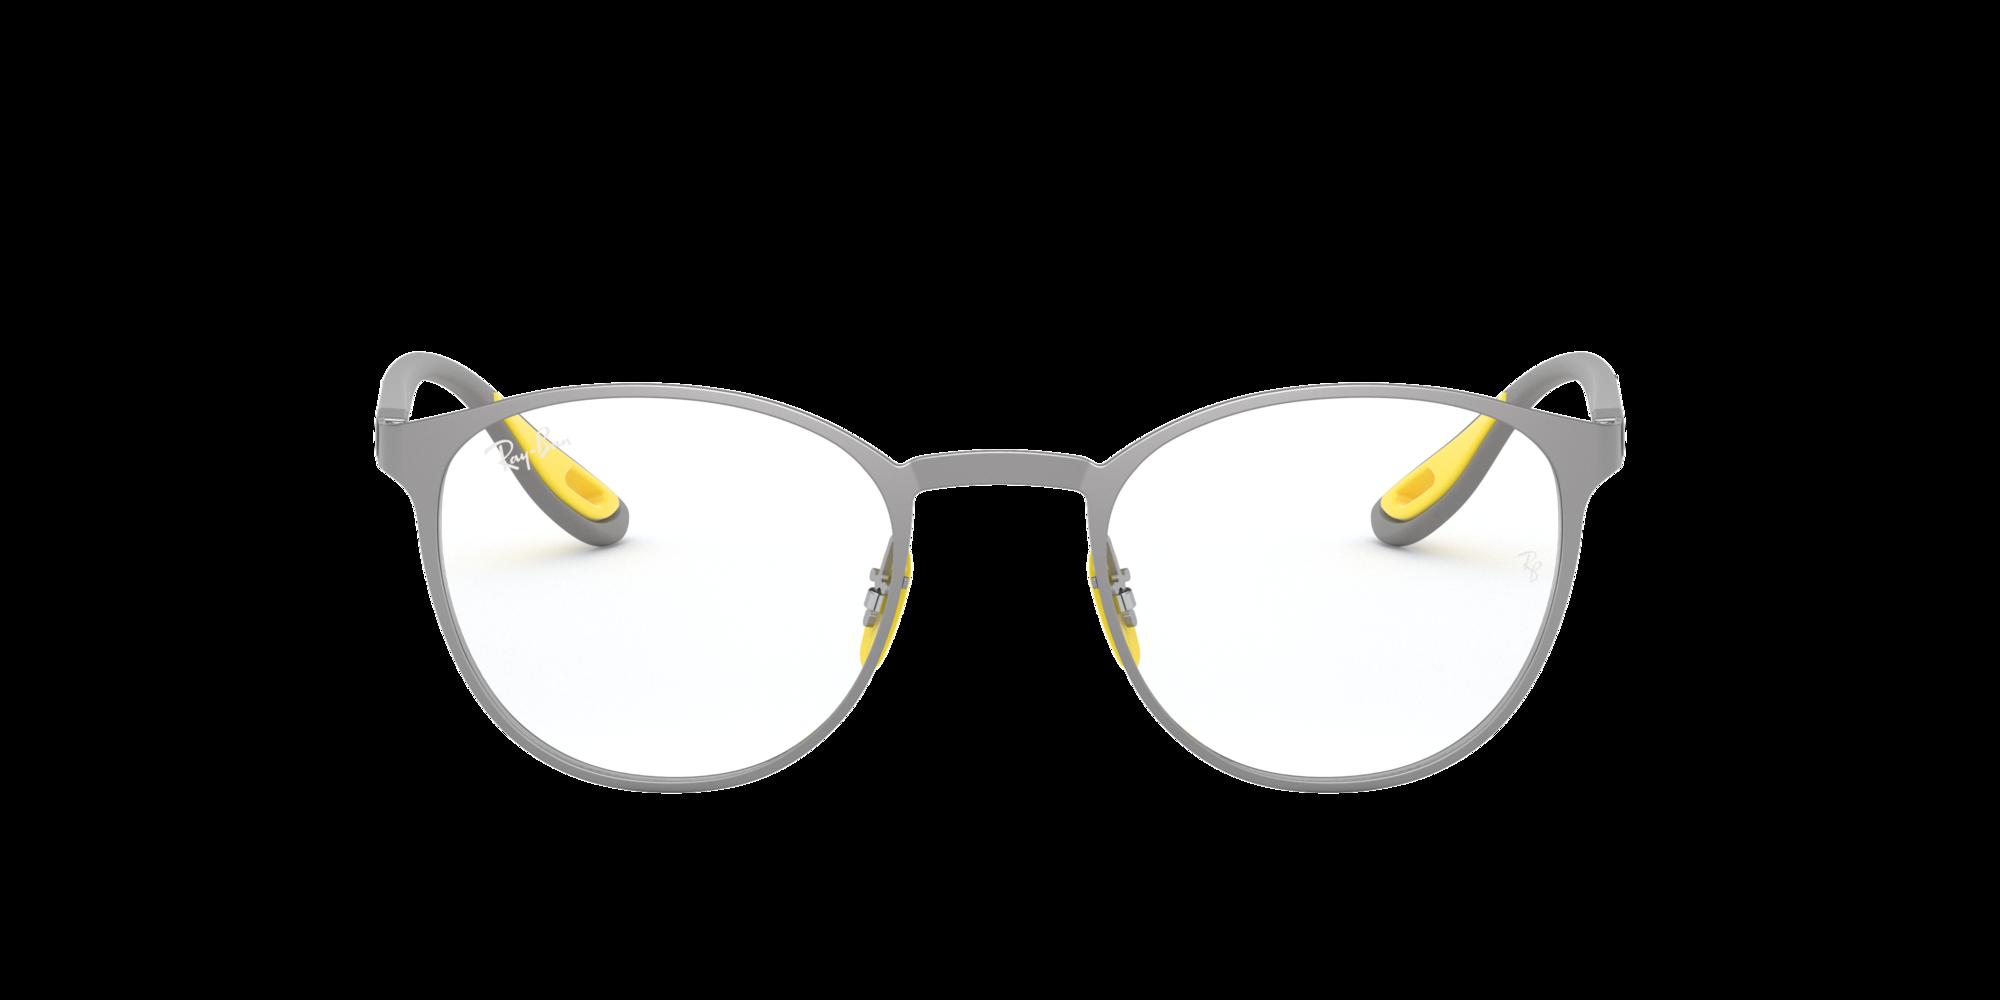 Imagen para RX6355M de LensCrafters |  Espejuelos, espejuelos graduados en línea, gafas